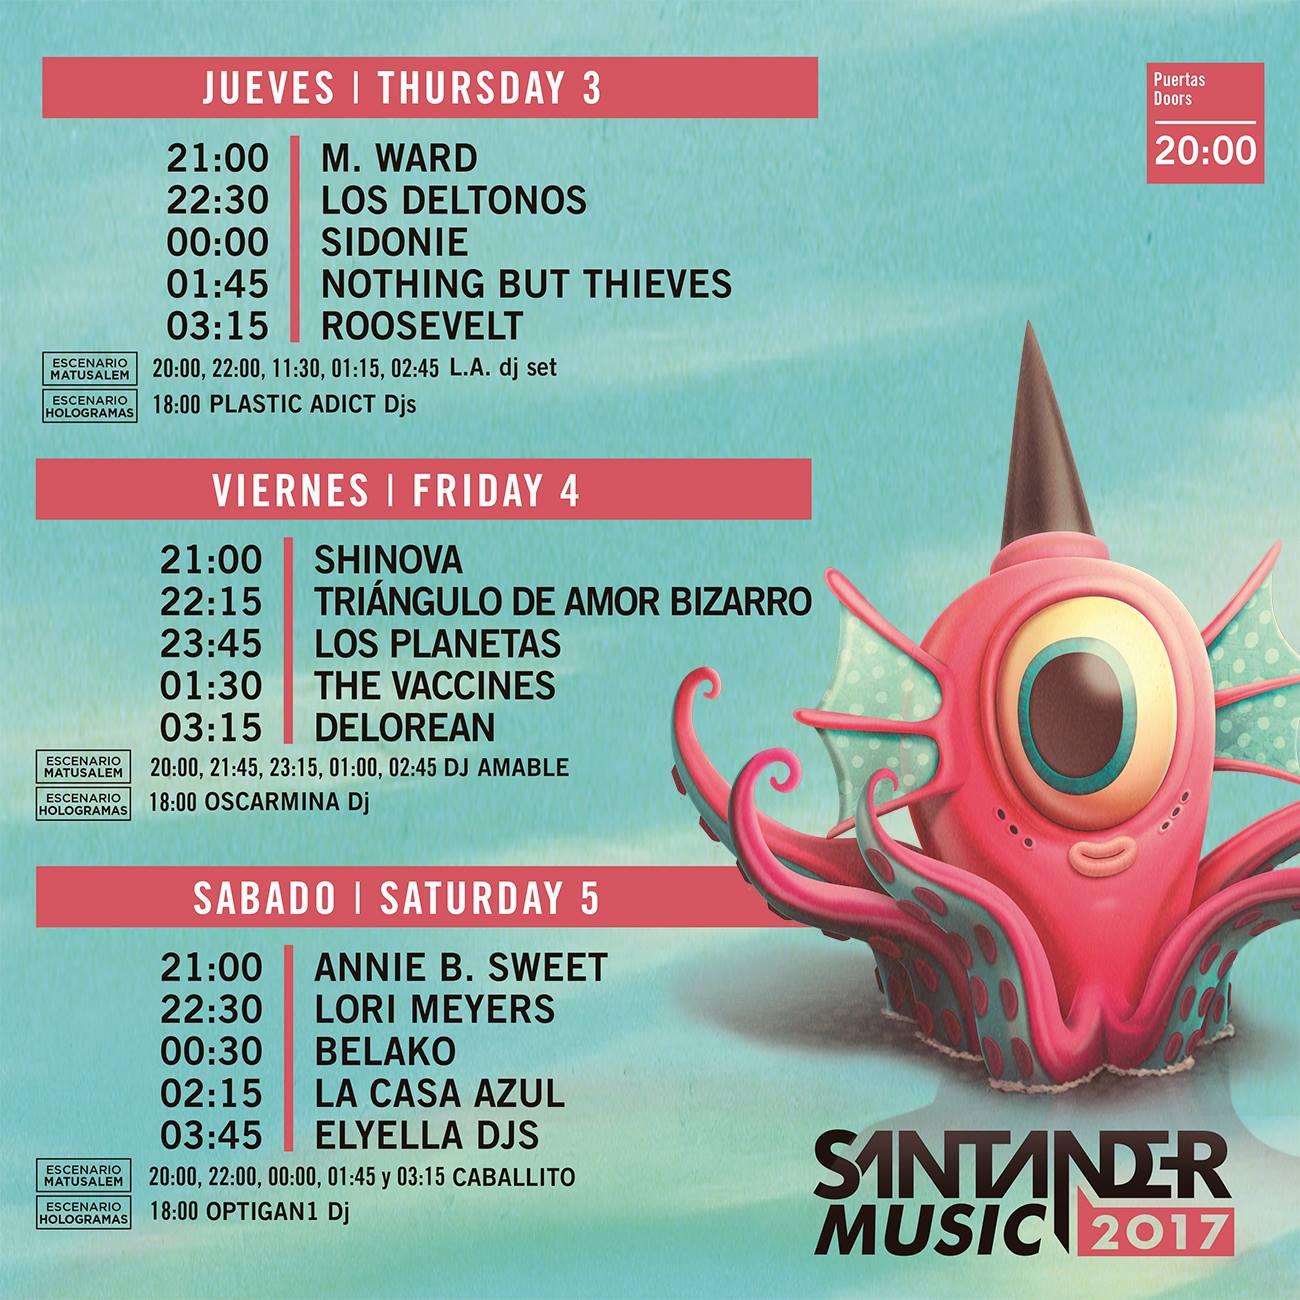 santander-music-horarios